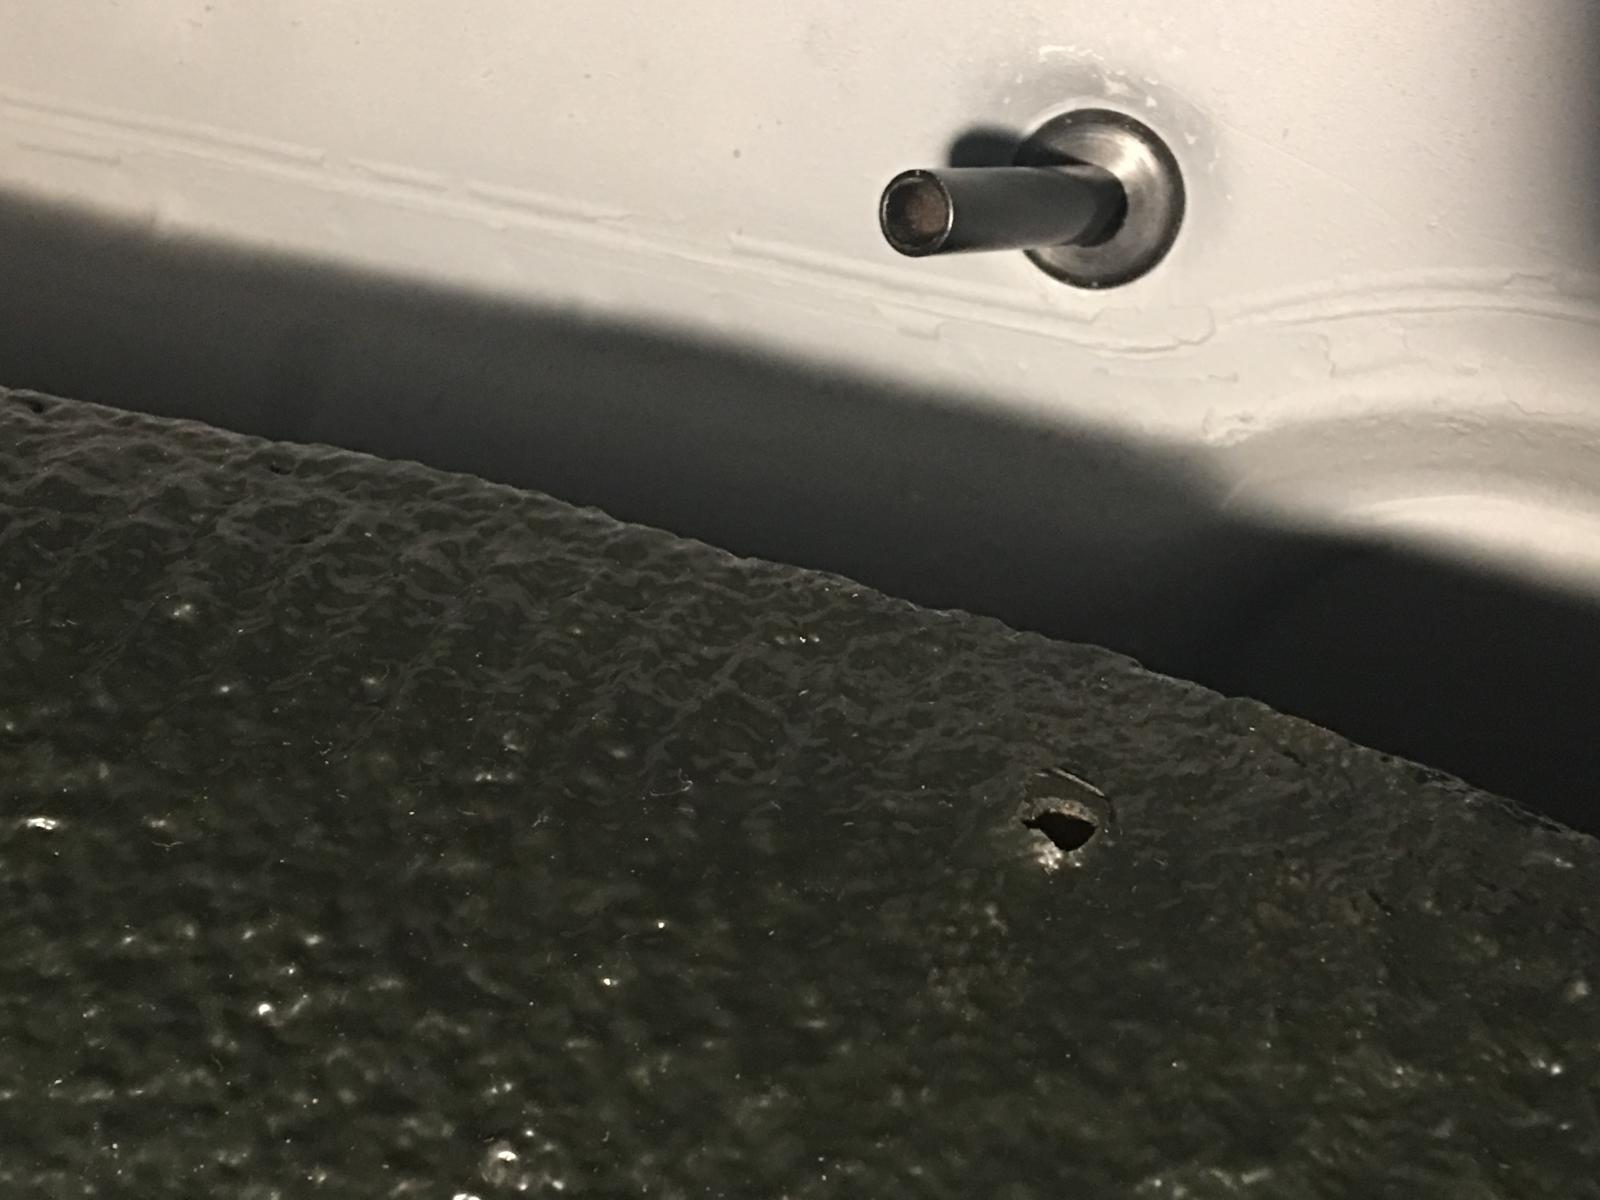 caoutchouc gris sous le tableau de bord (parois verticales)  1837477